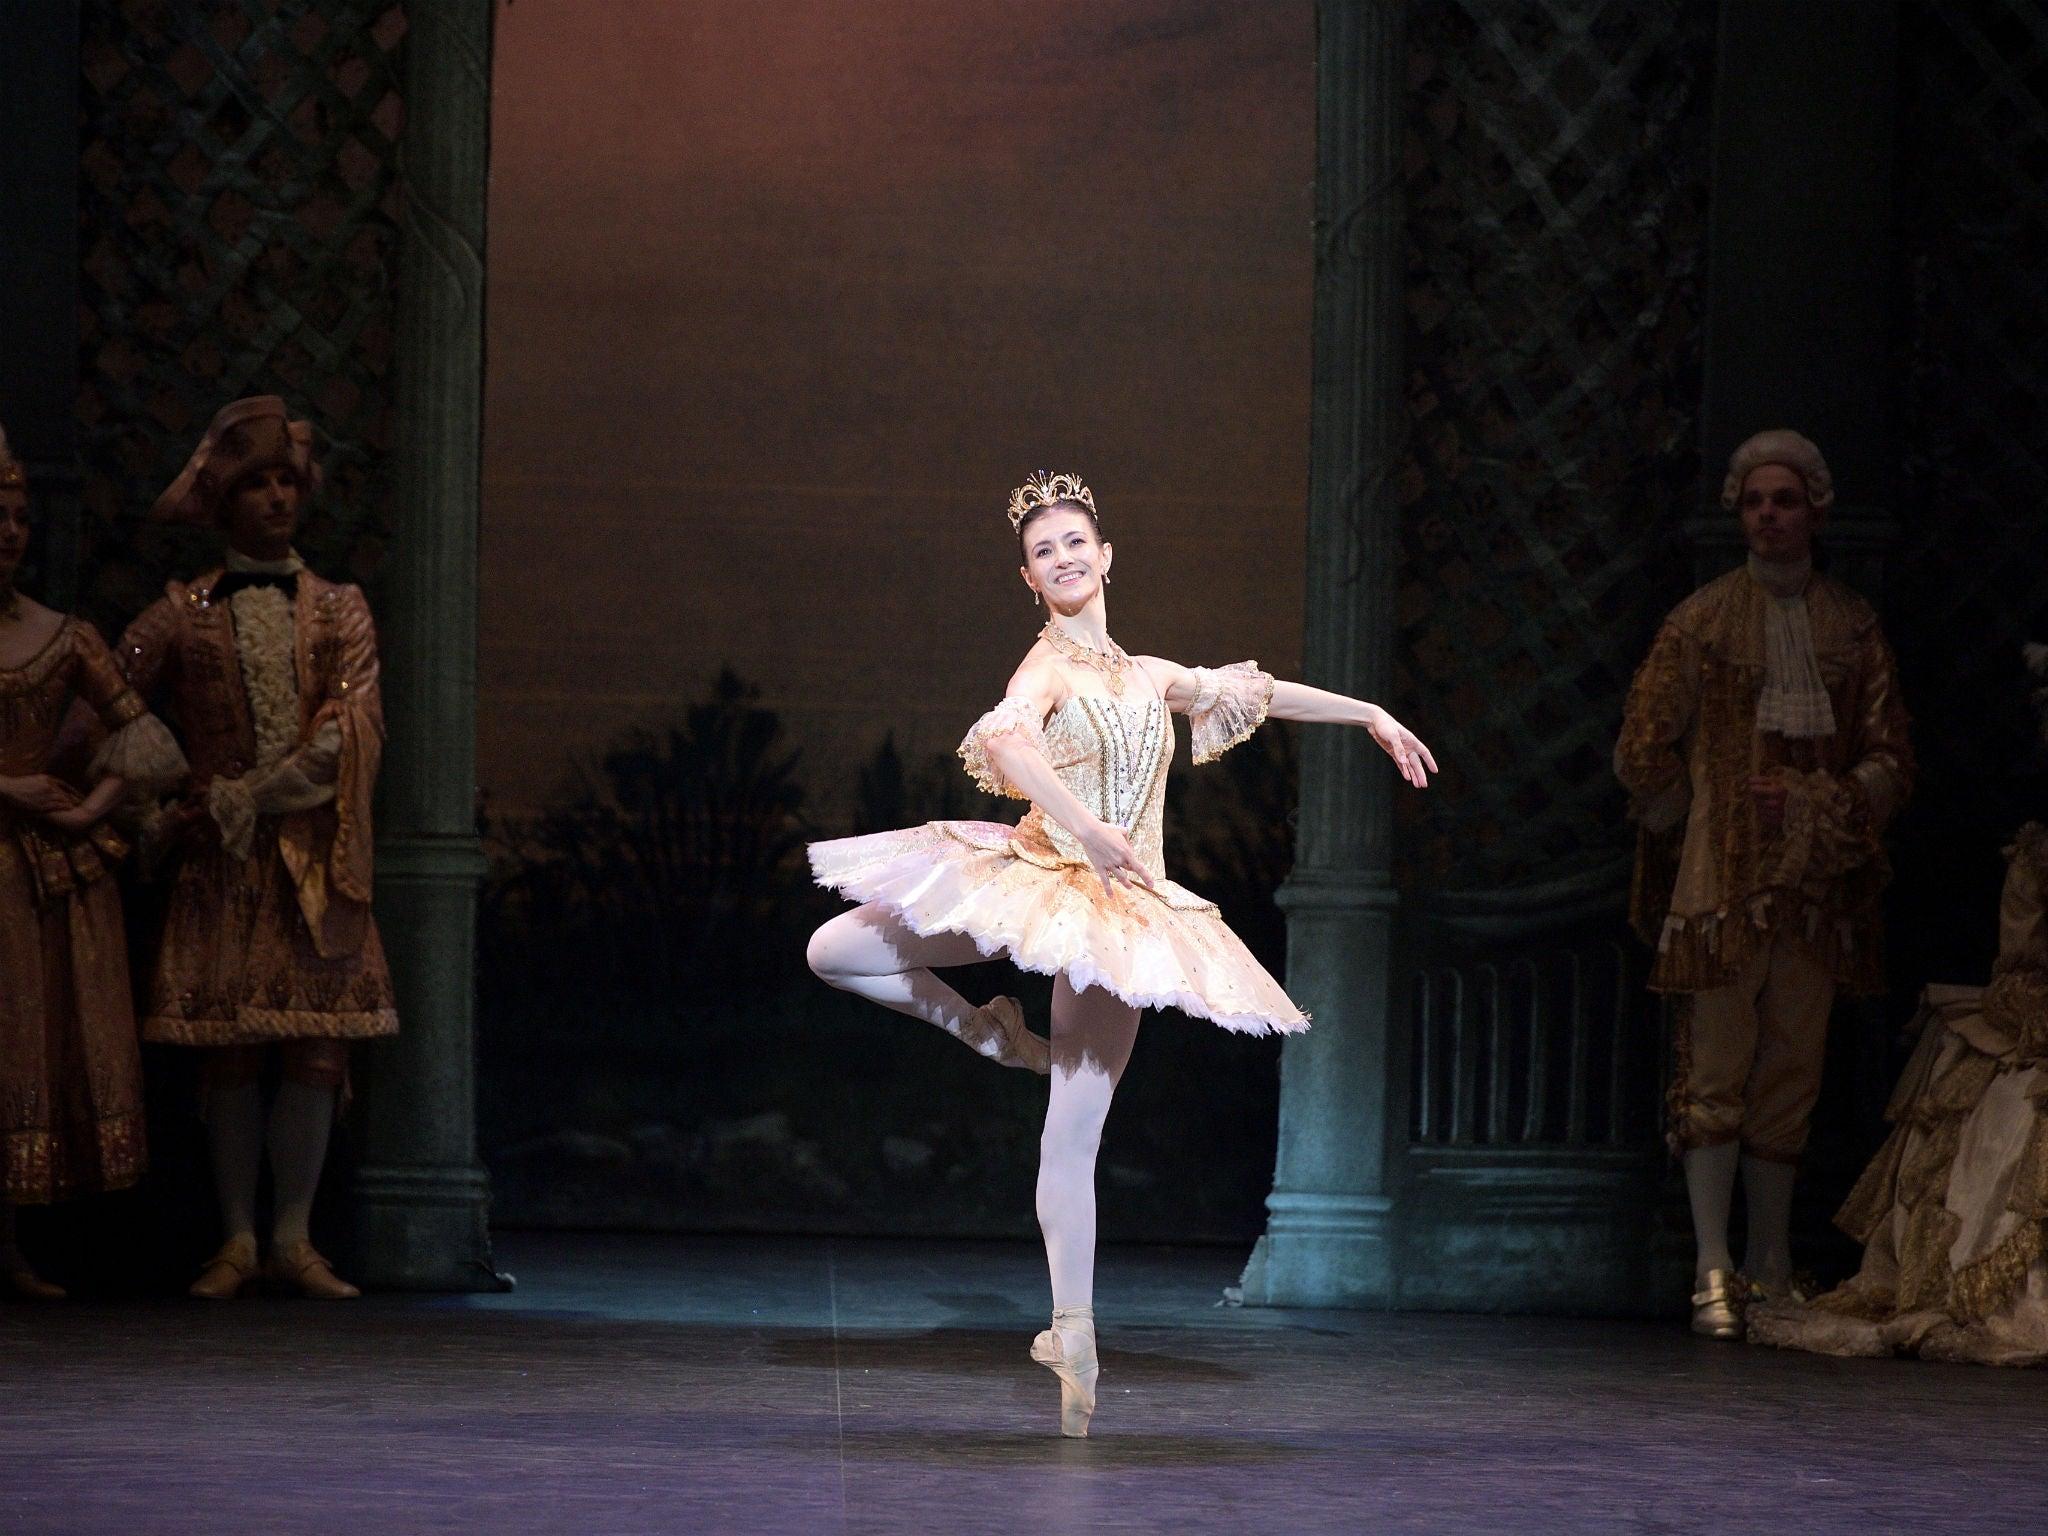 First Transgender Ballerina